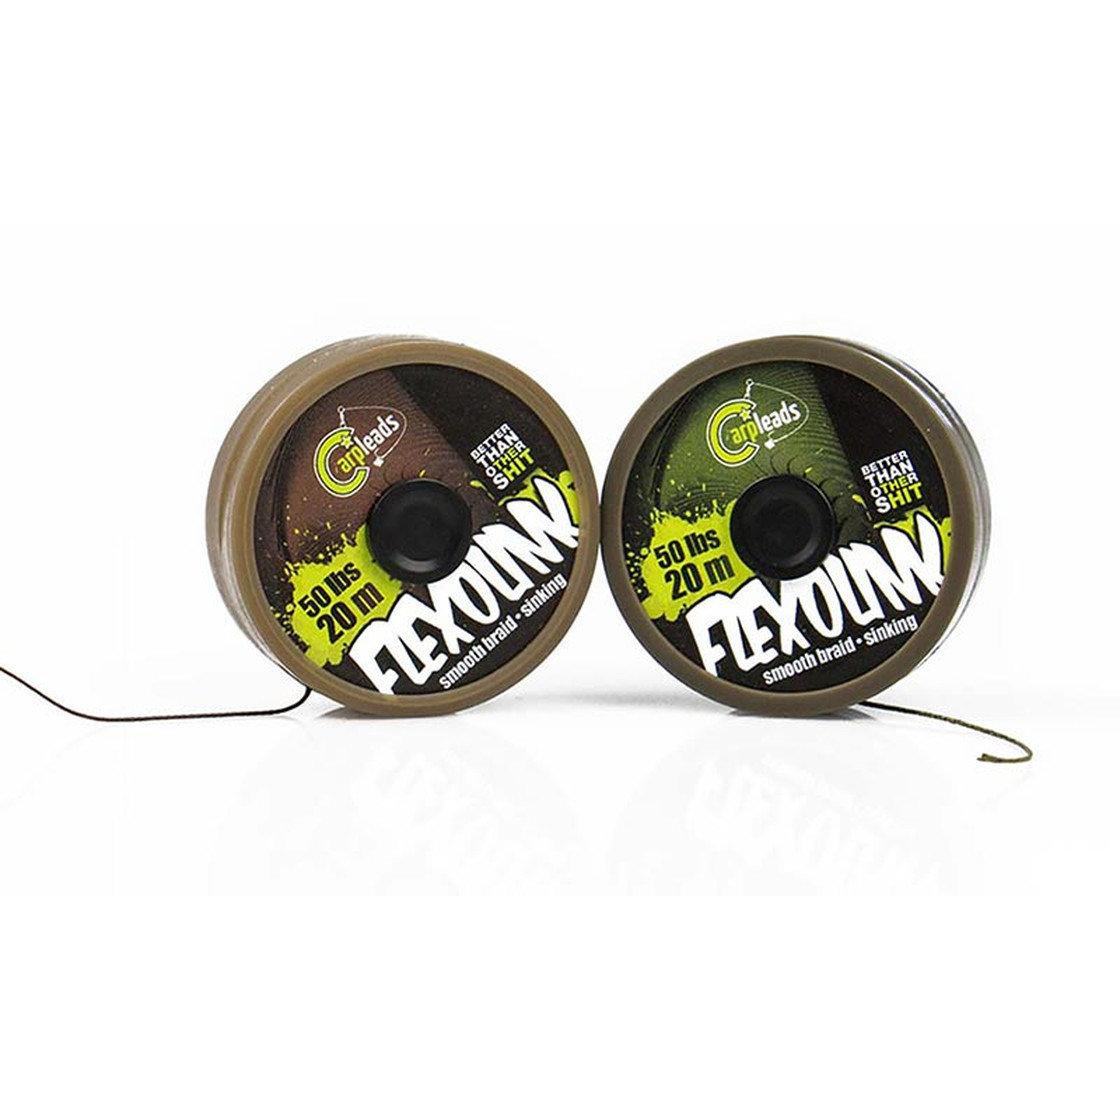 Flexolink 50lbs 20m green / brown cl00014